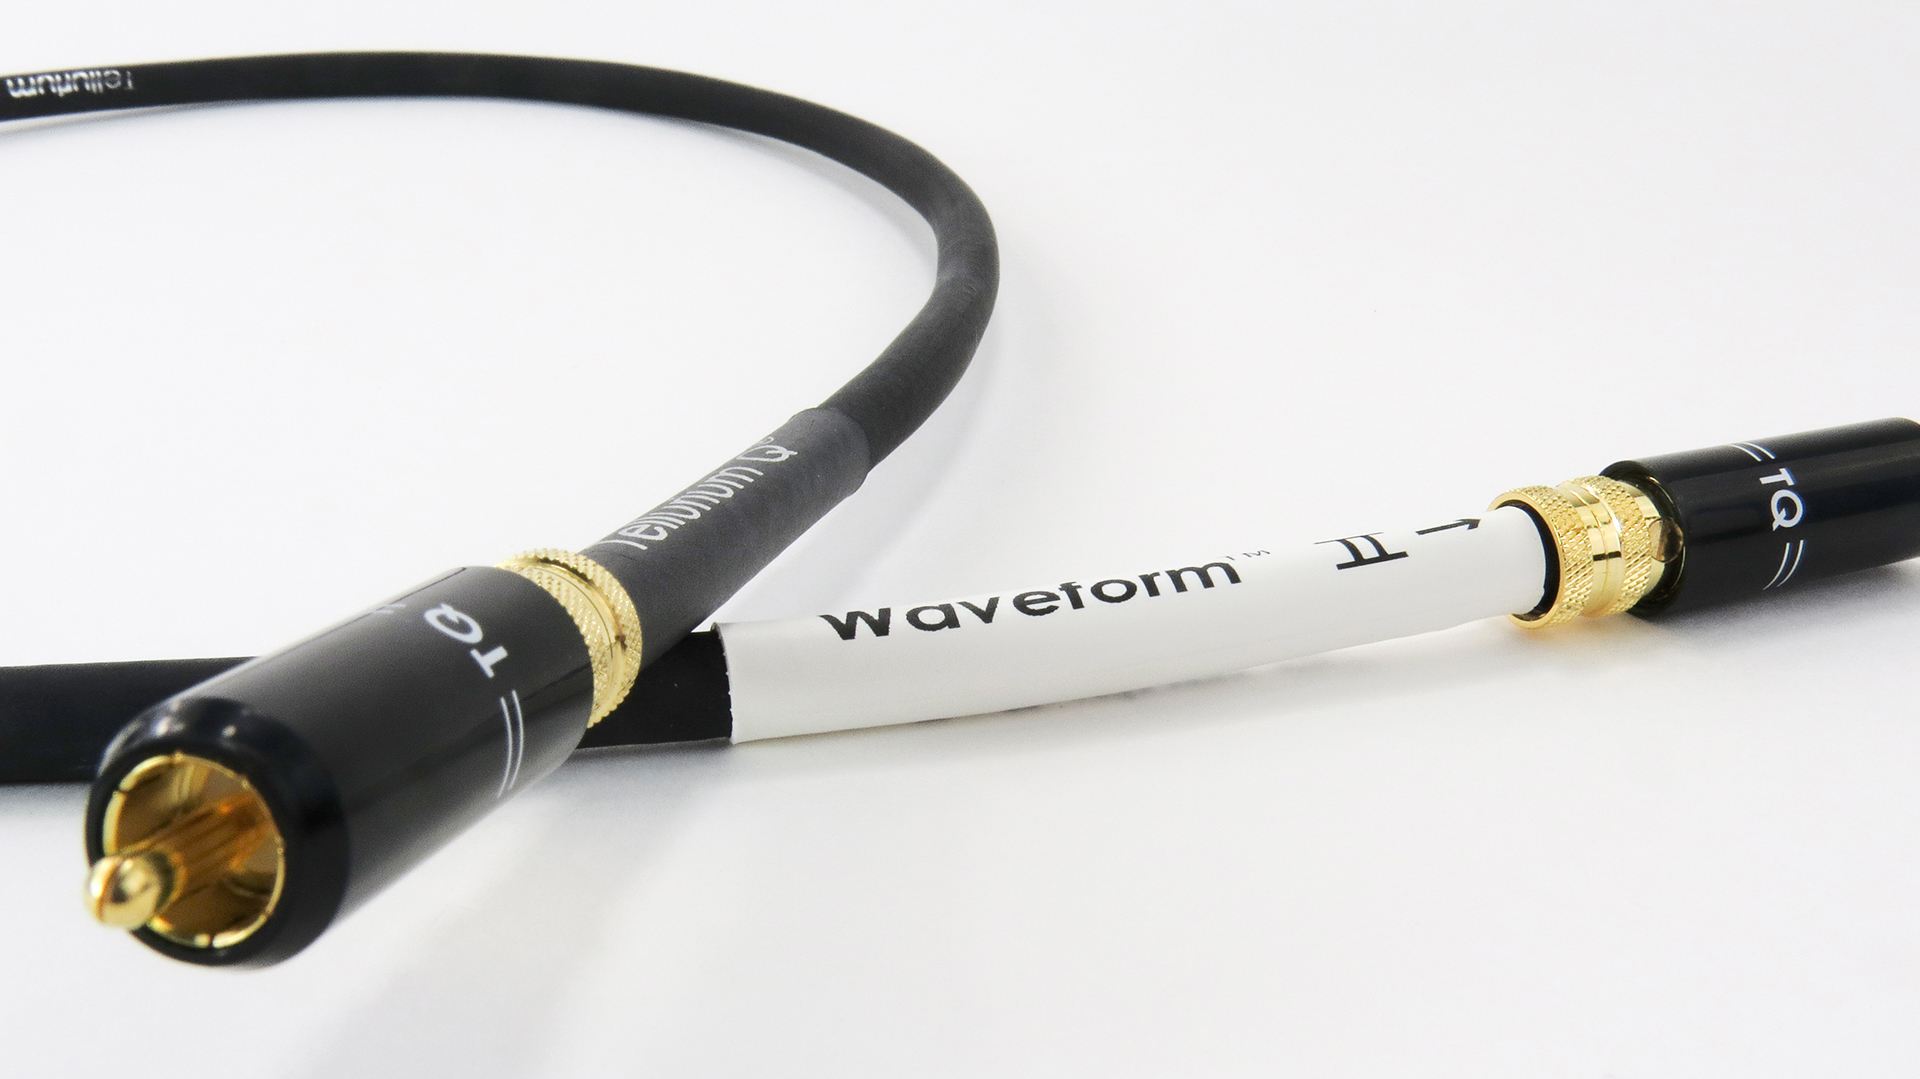 Tellurium Q | Black | Digital Waveform™ II RCA